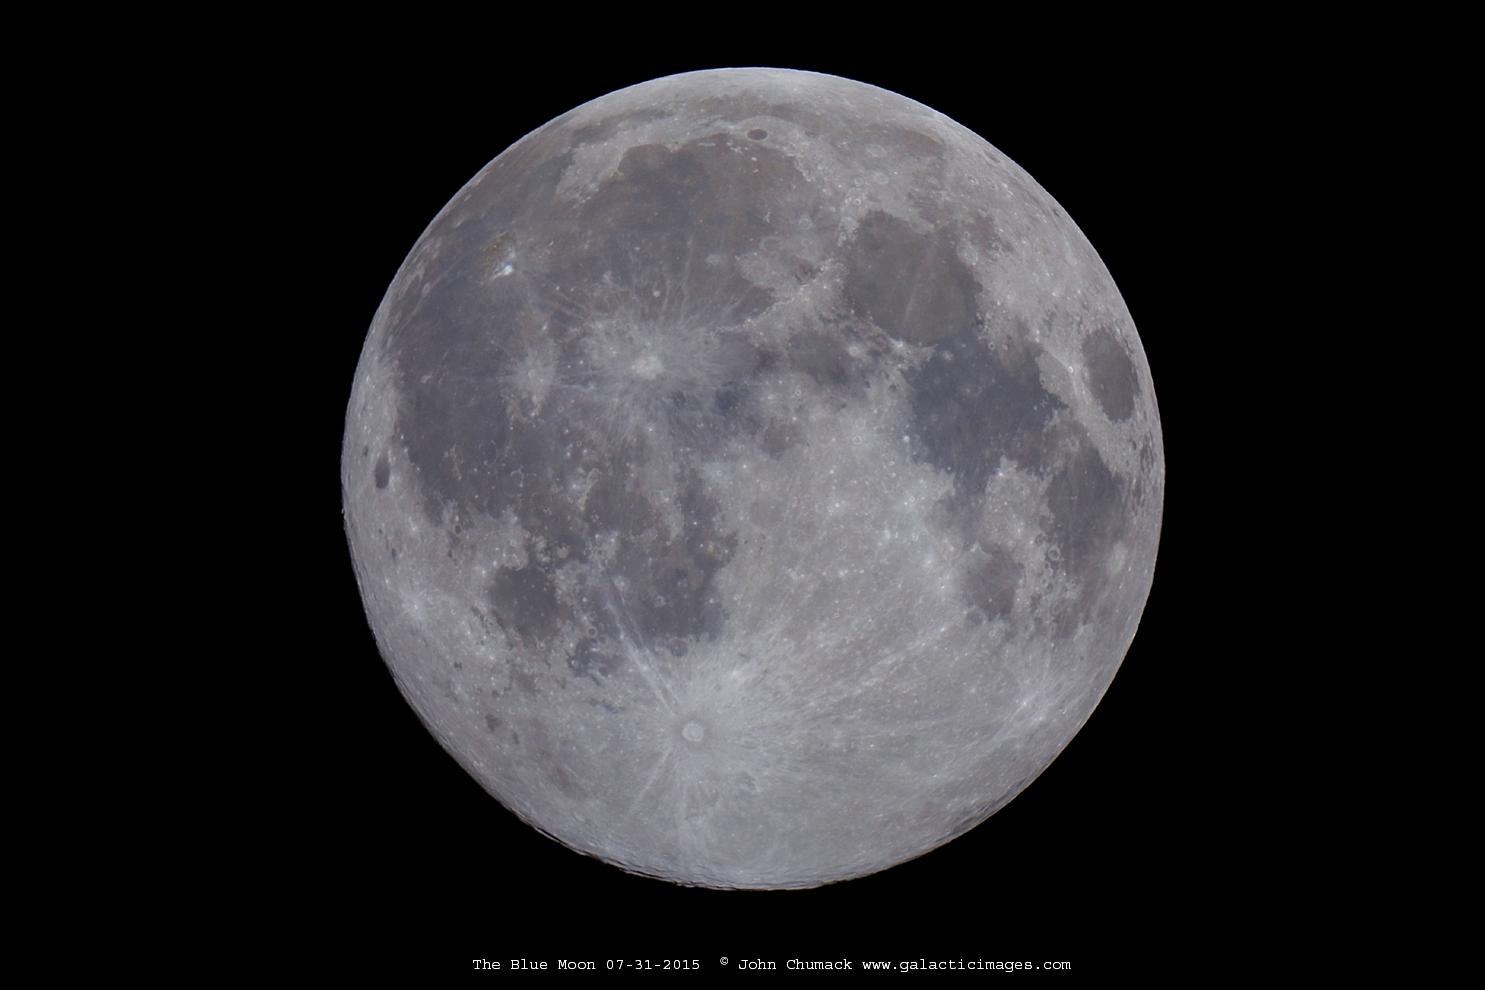 Full Moon by Chumack